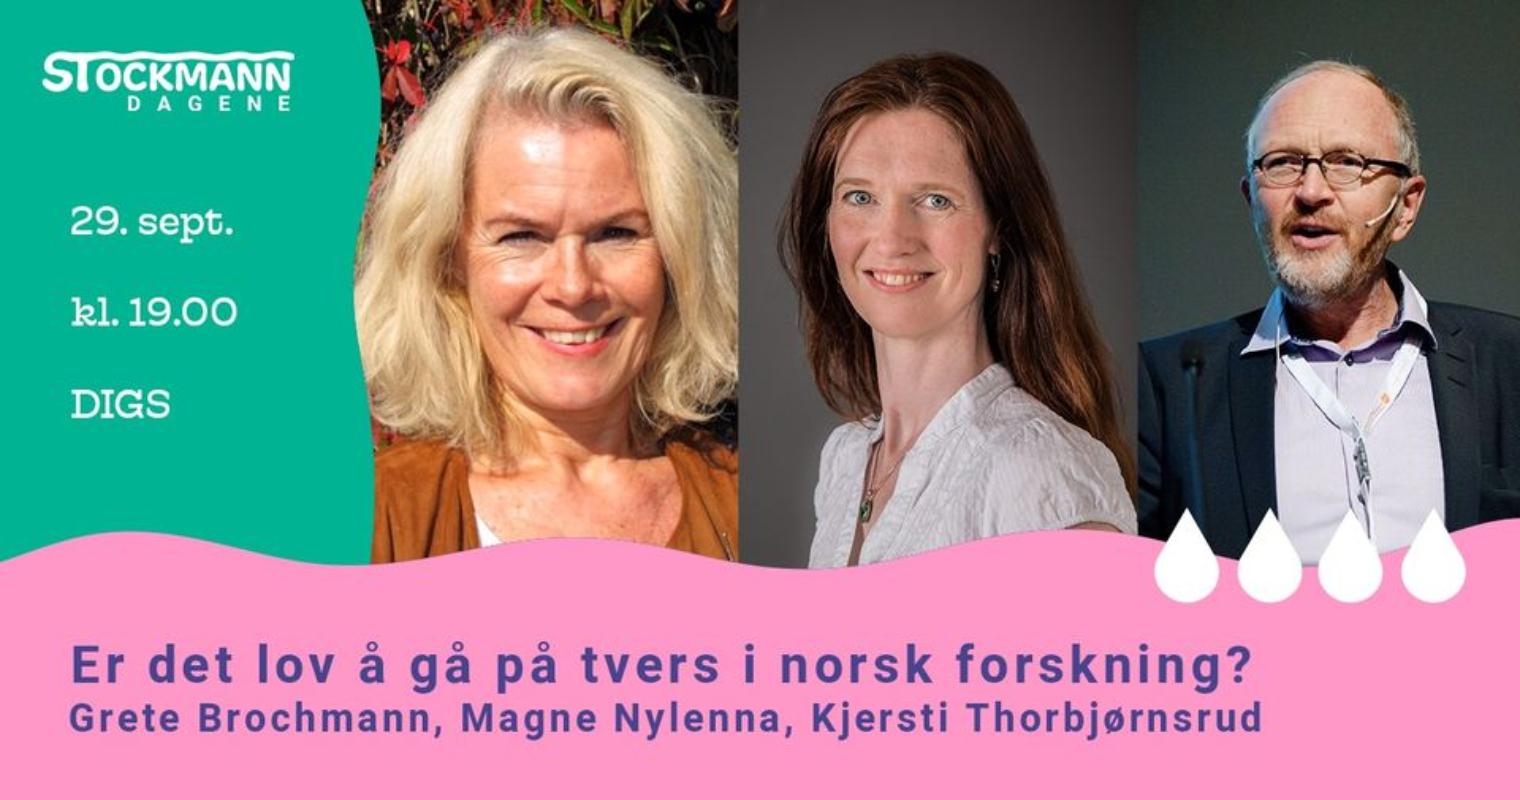 Er det lov å gå på tvers i norsk forskning?